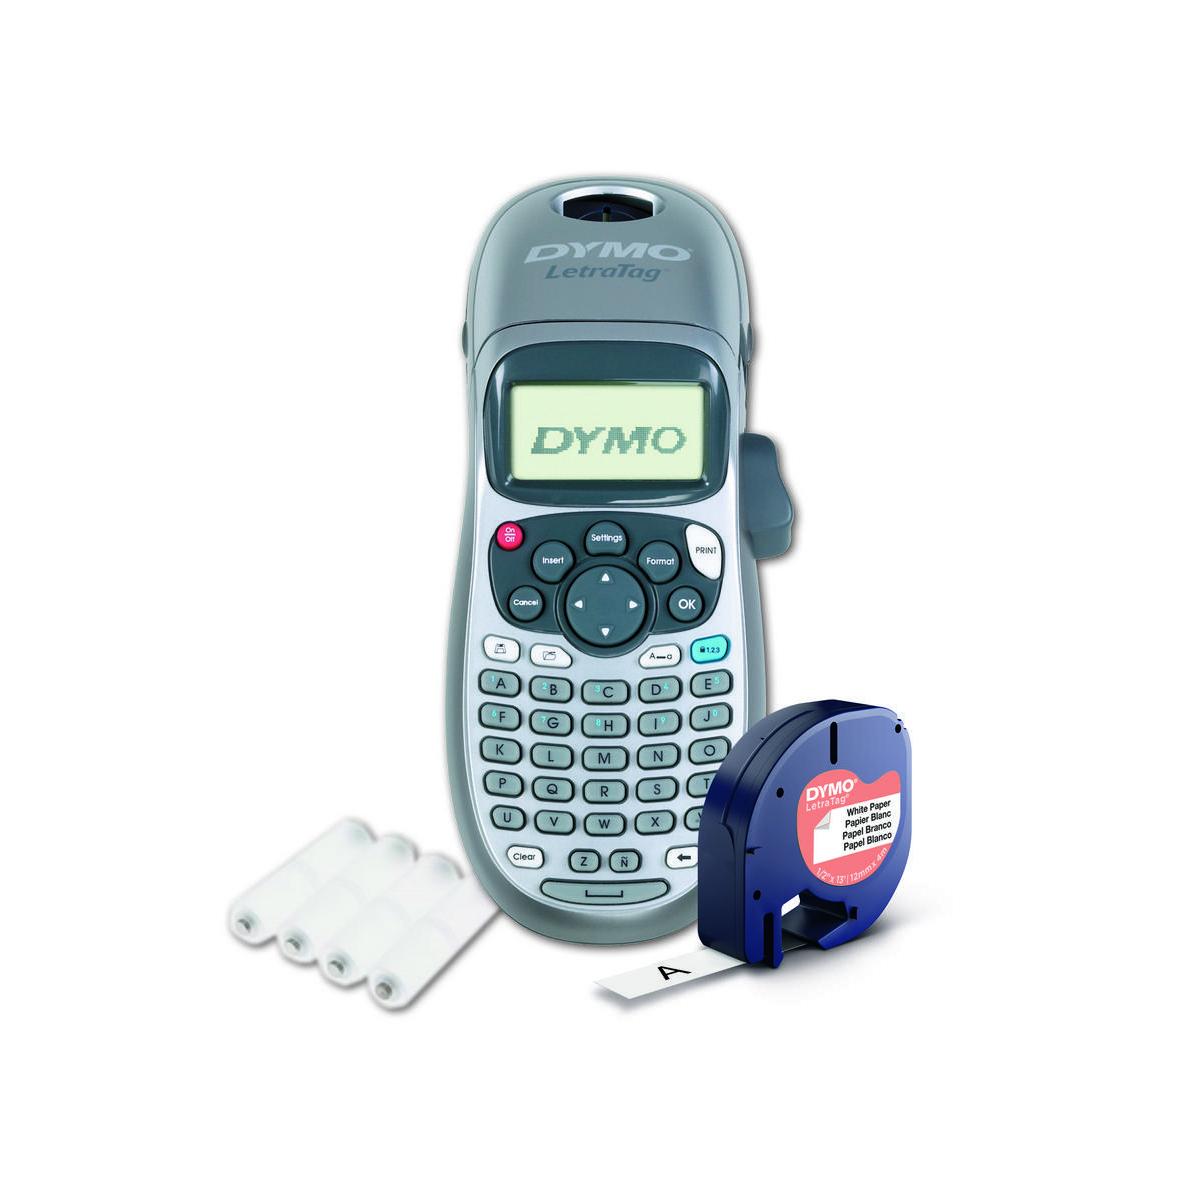 Dymo - LabelManager LetraTag LT 100H - ABC - Labelprinter